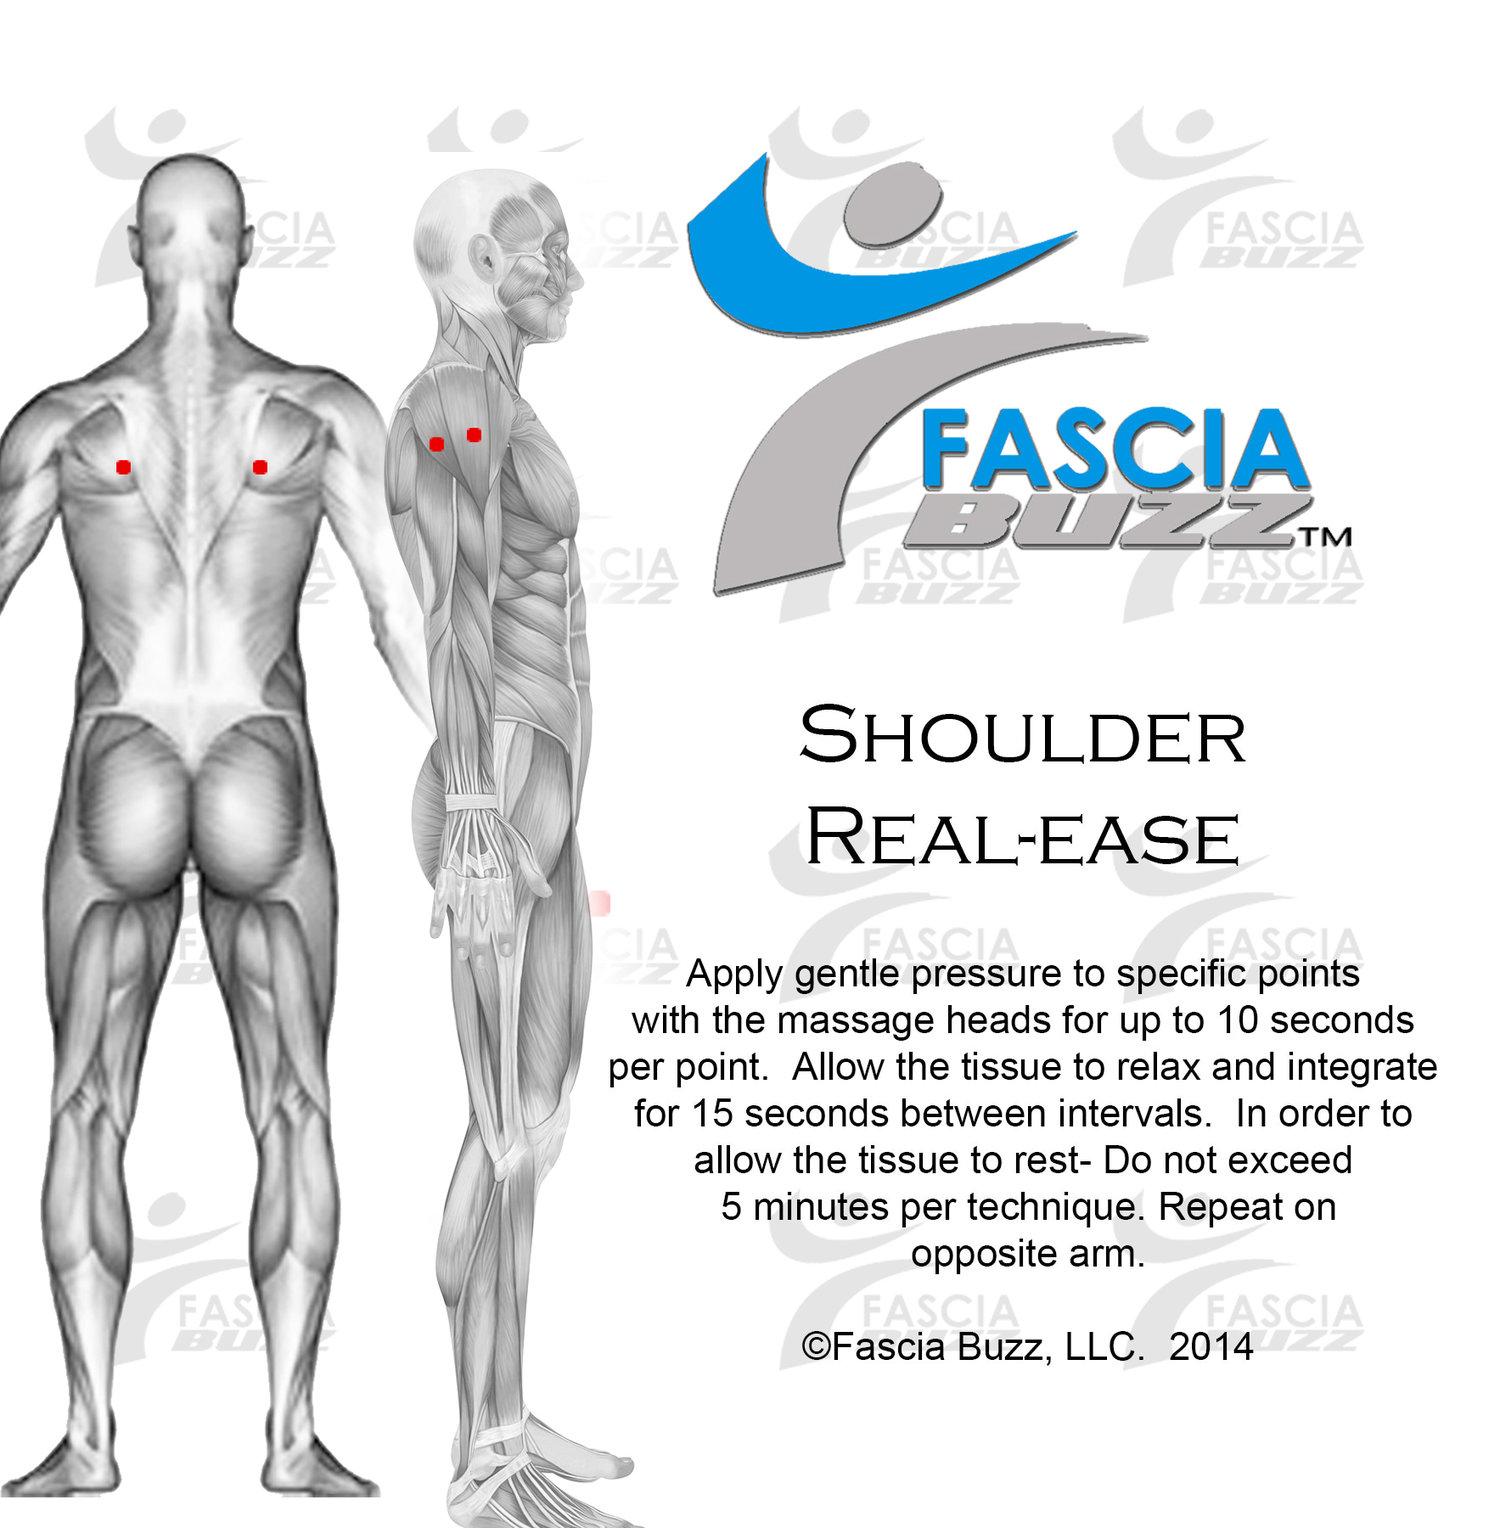 real-ease_shoulder.jpg